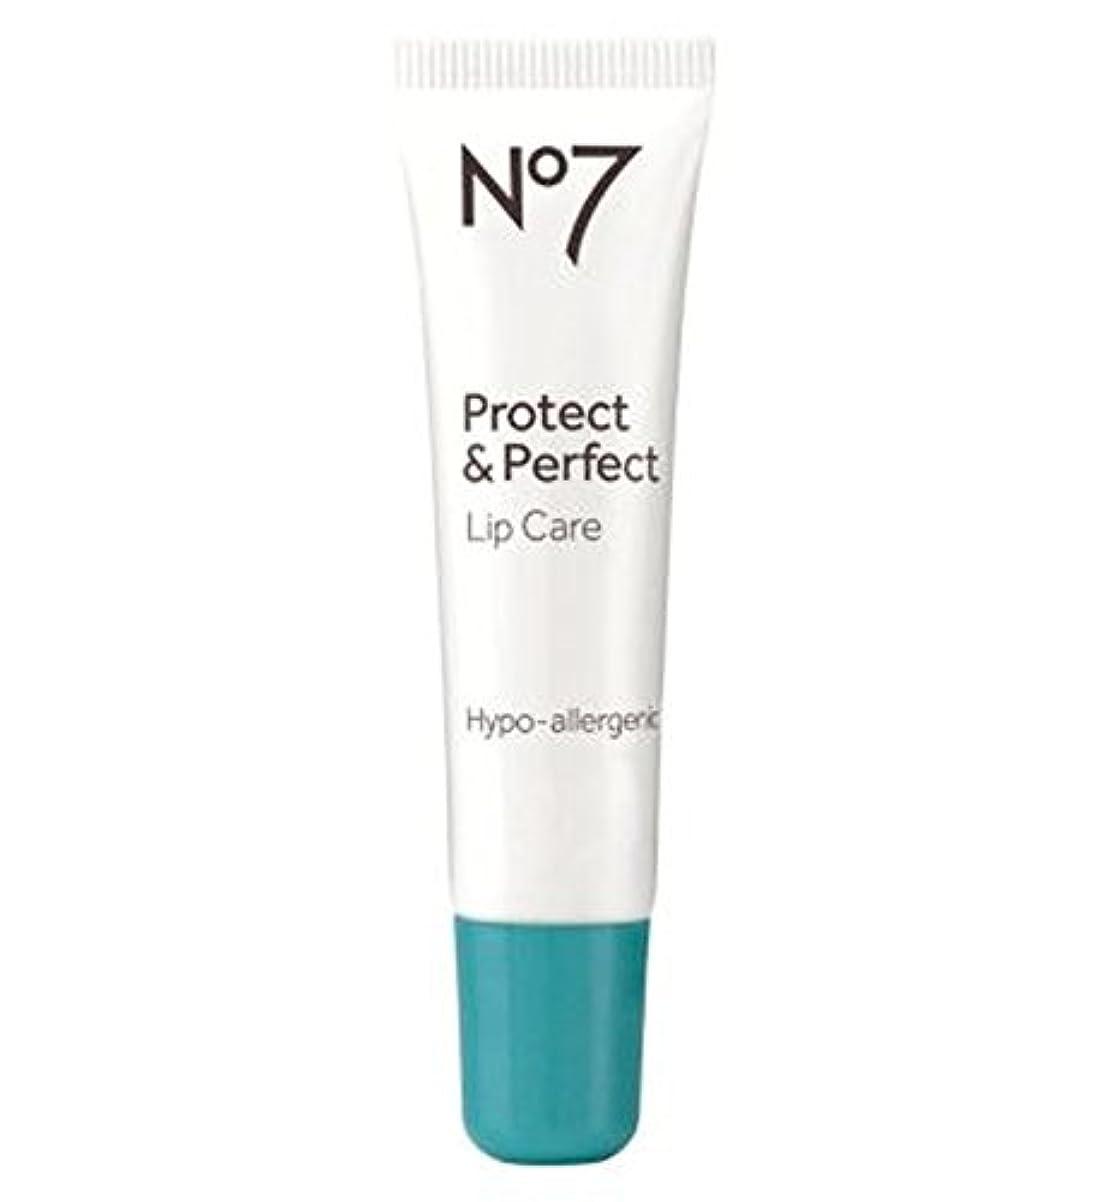 上昇勃起アミューズNo7保護&完璧なリップケア10ミリリットル (No7) (x2) - No7 Protect & Perfect Lip Care 10ml (Pack of 2) [並行輸入品]